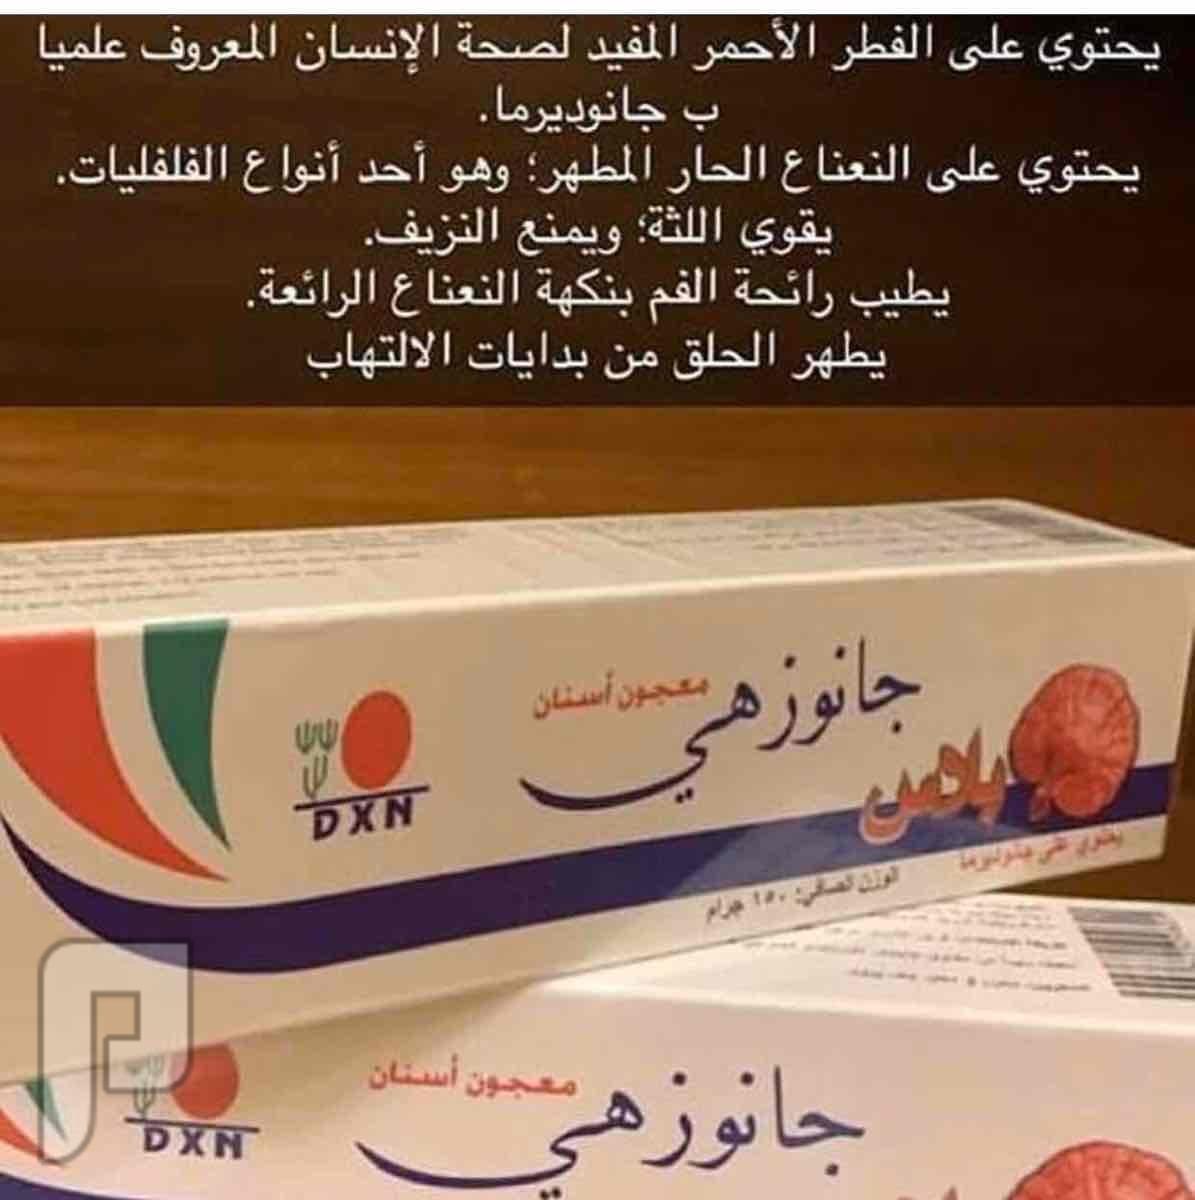 معجون جانوزي الاسنان